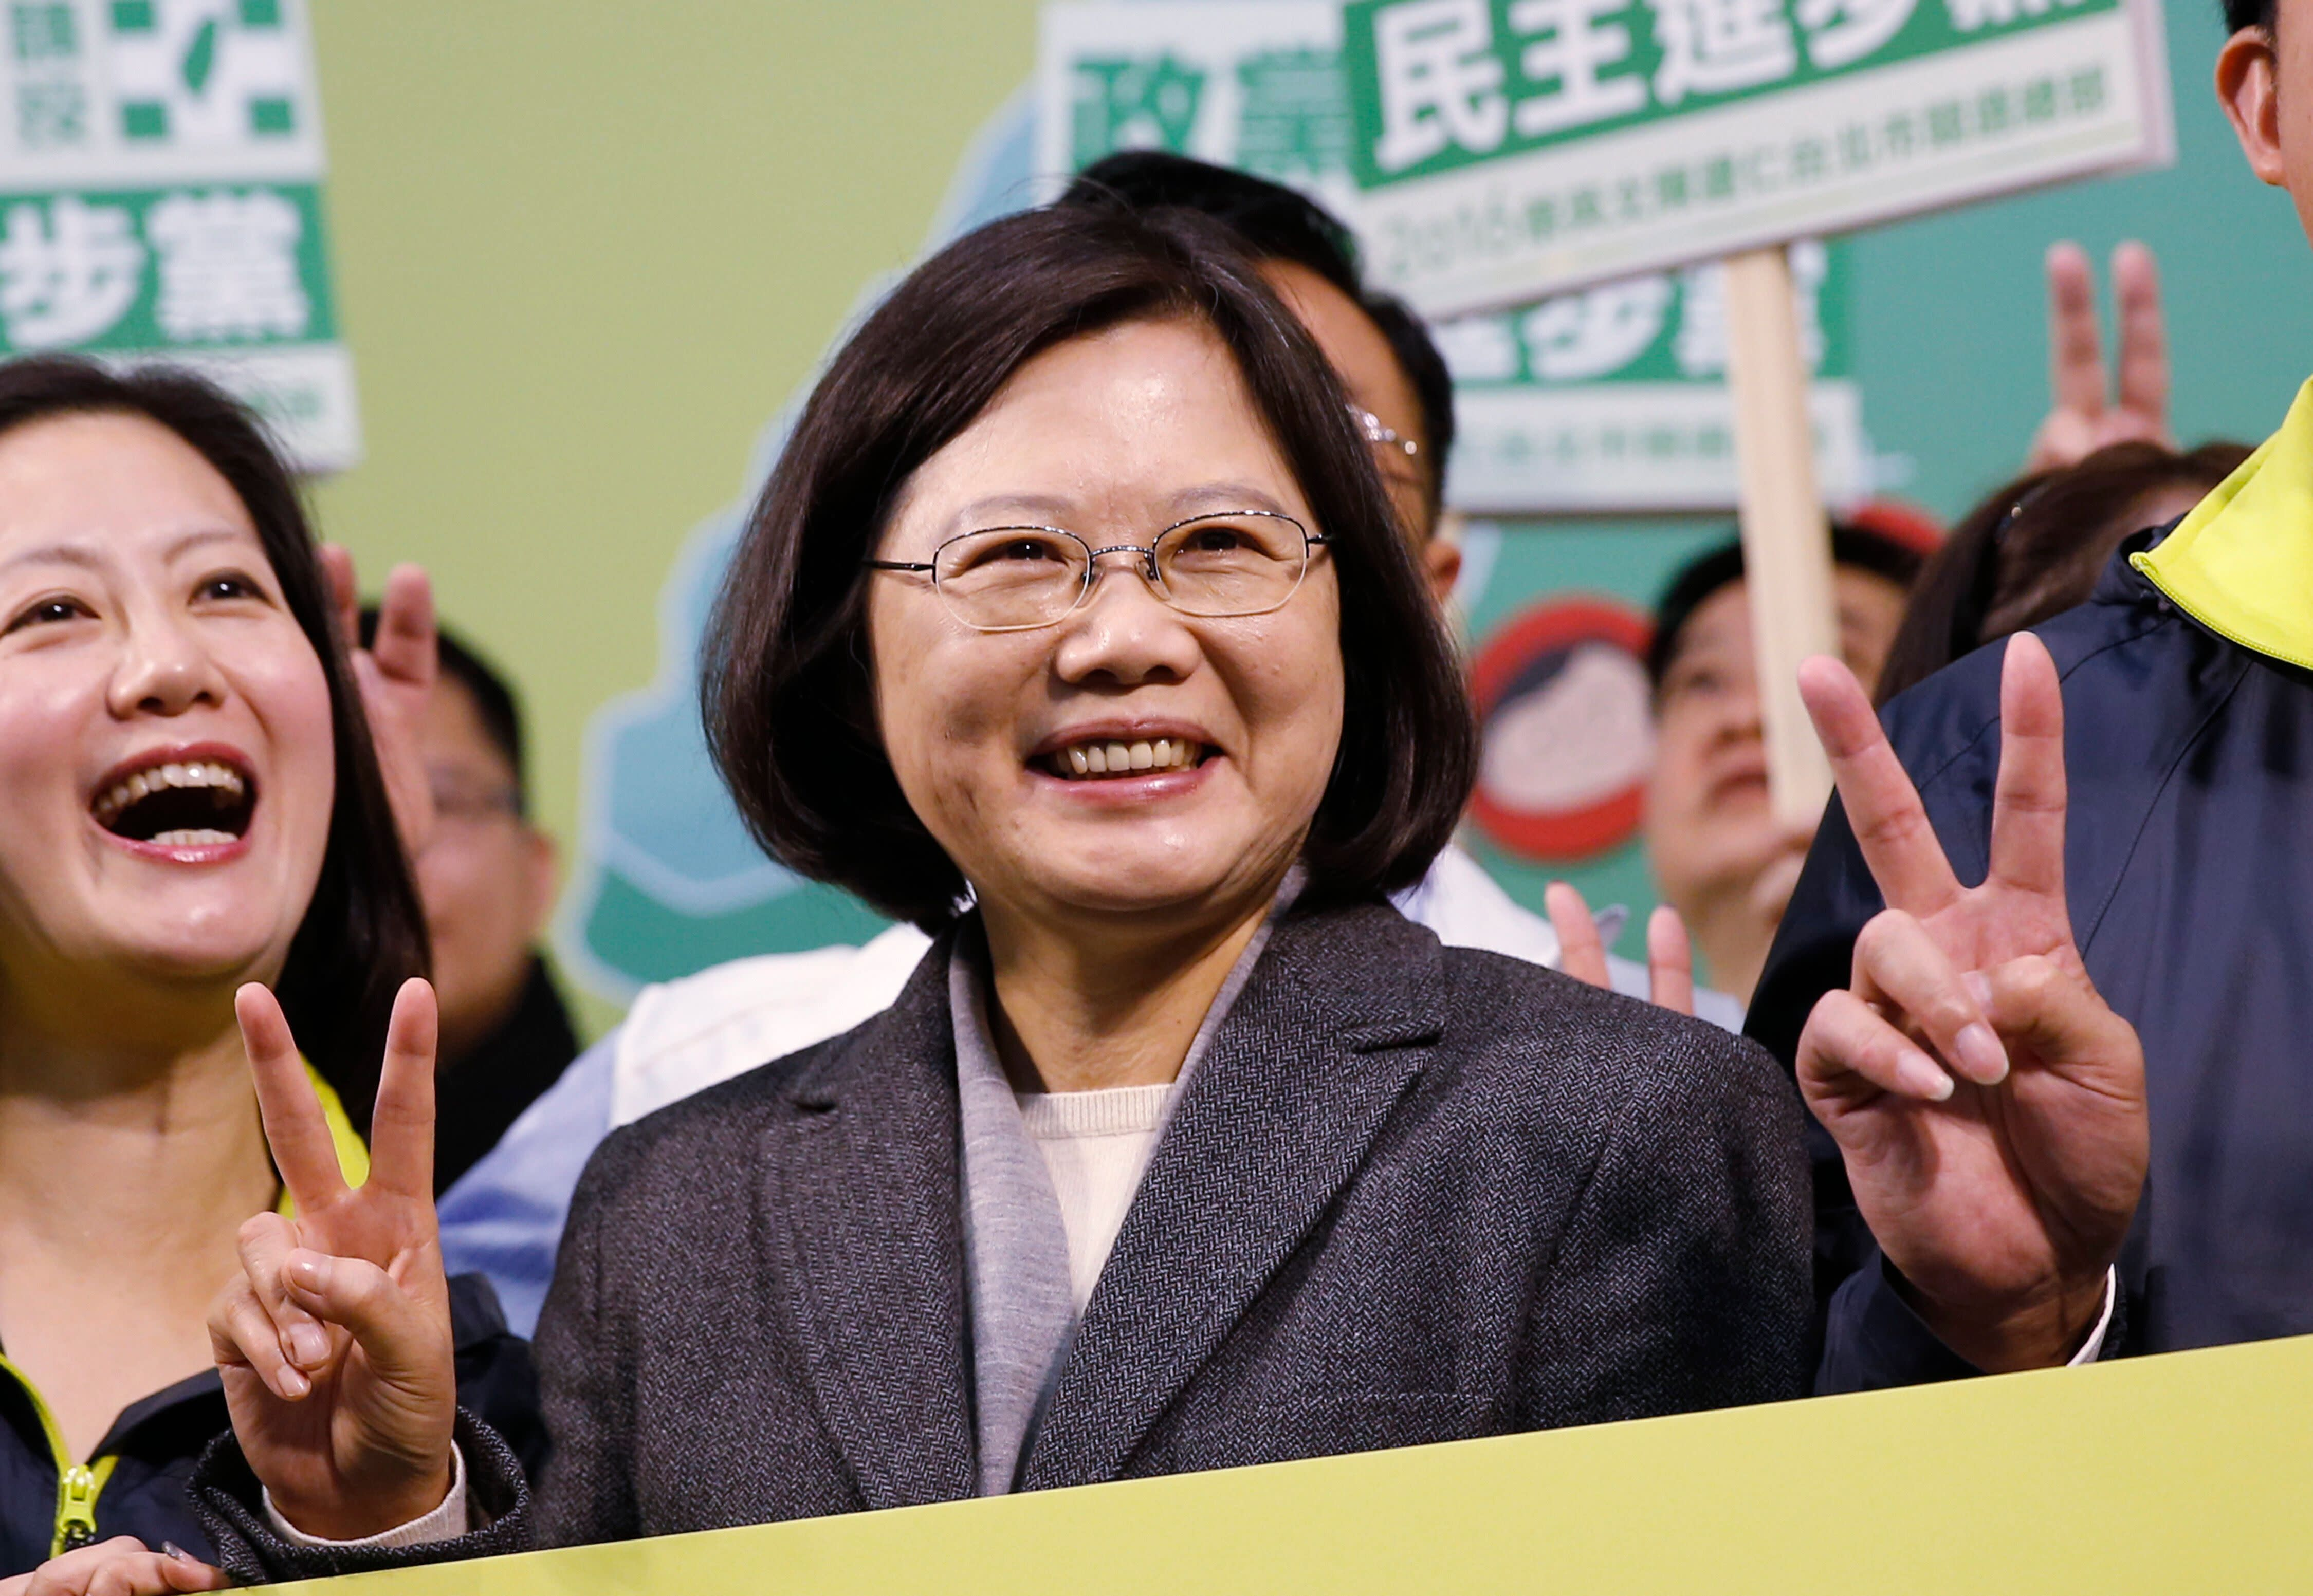 【Yahoo論壇/彭蕙仙】猜猜民進黨下一步要沒收什麼?